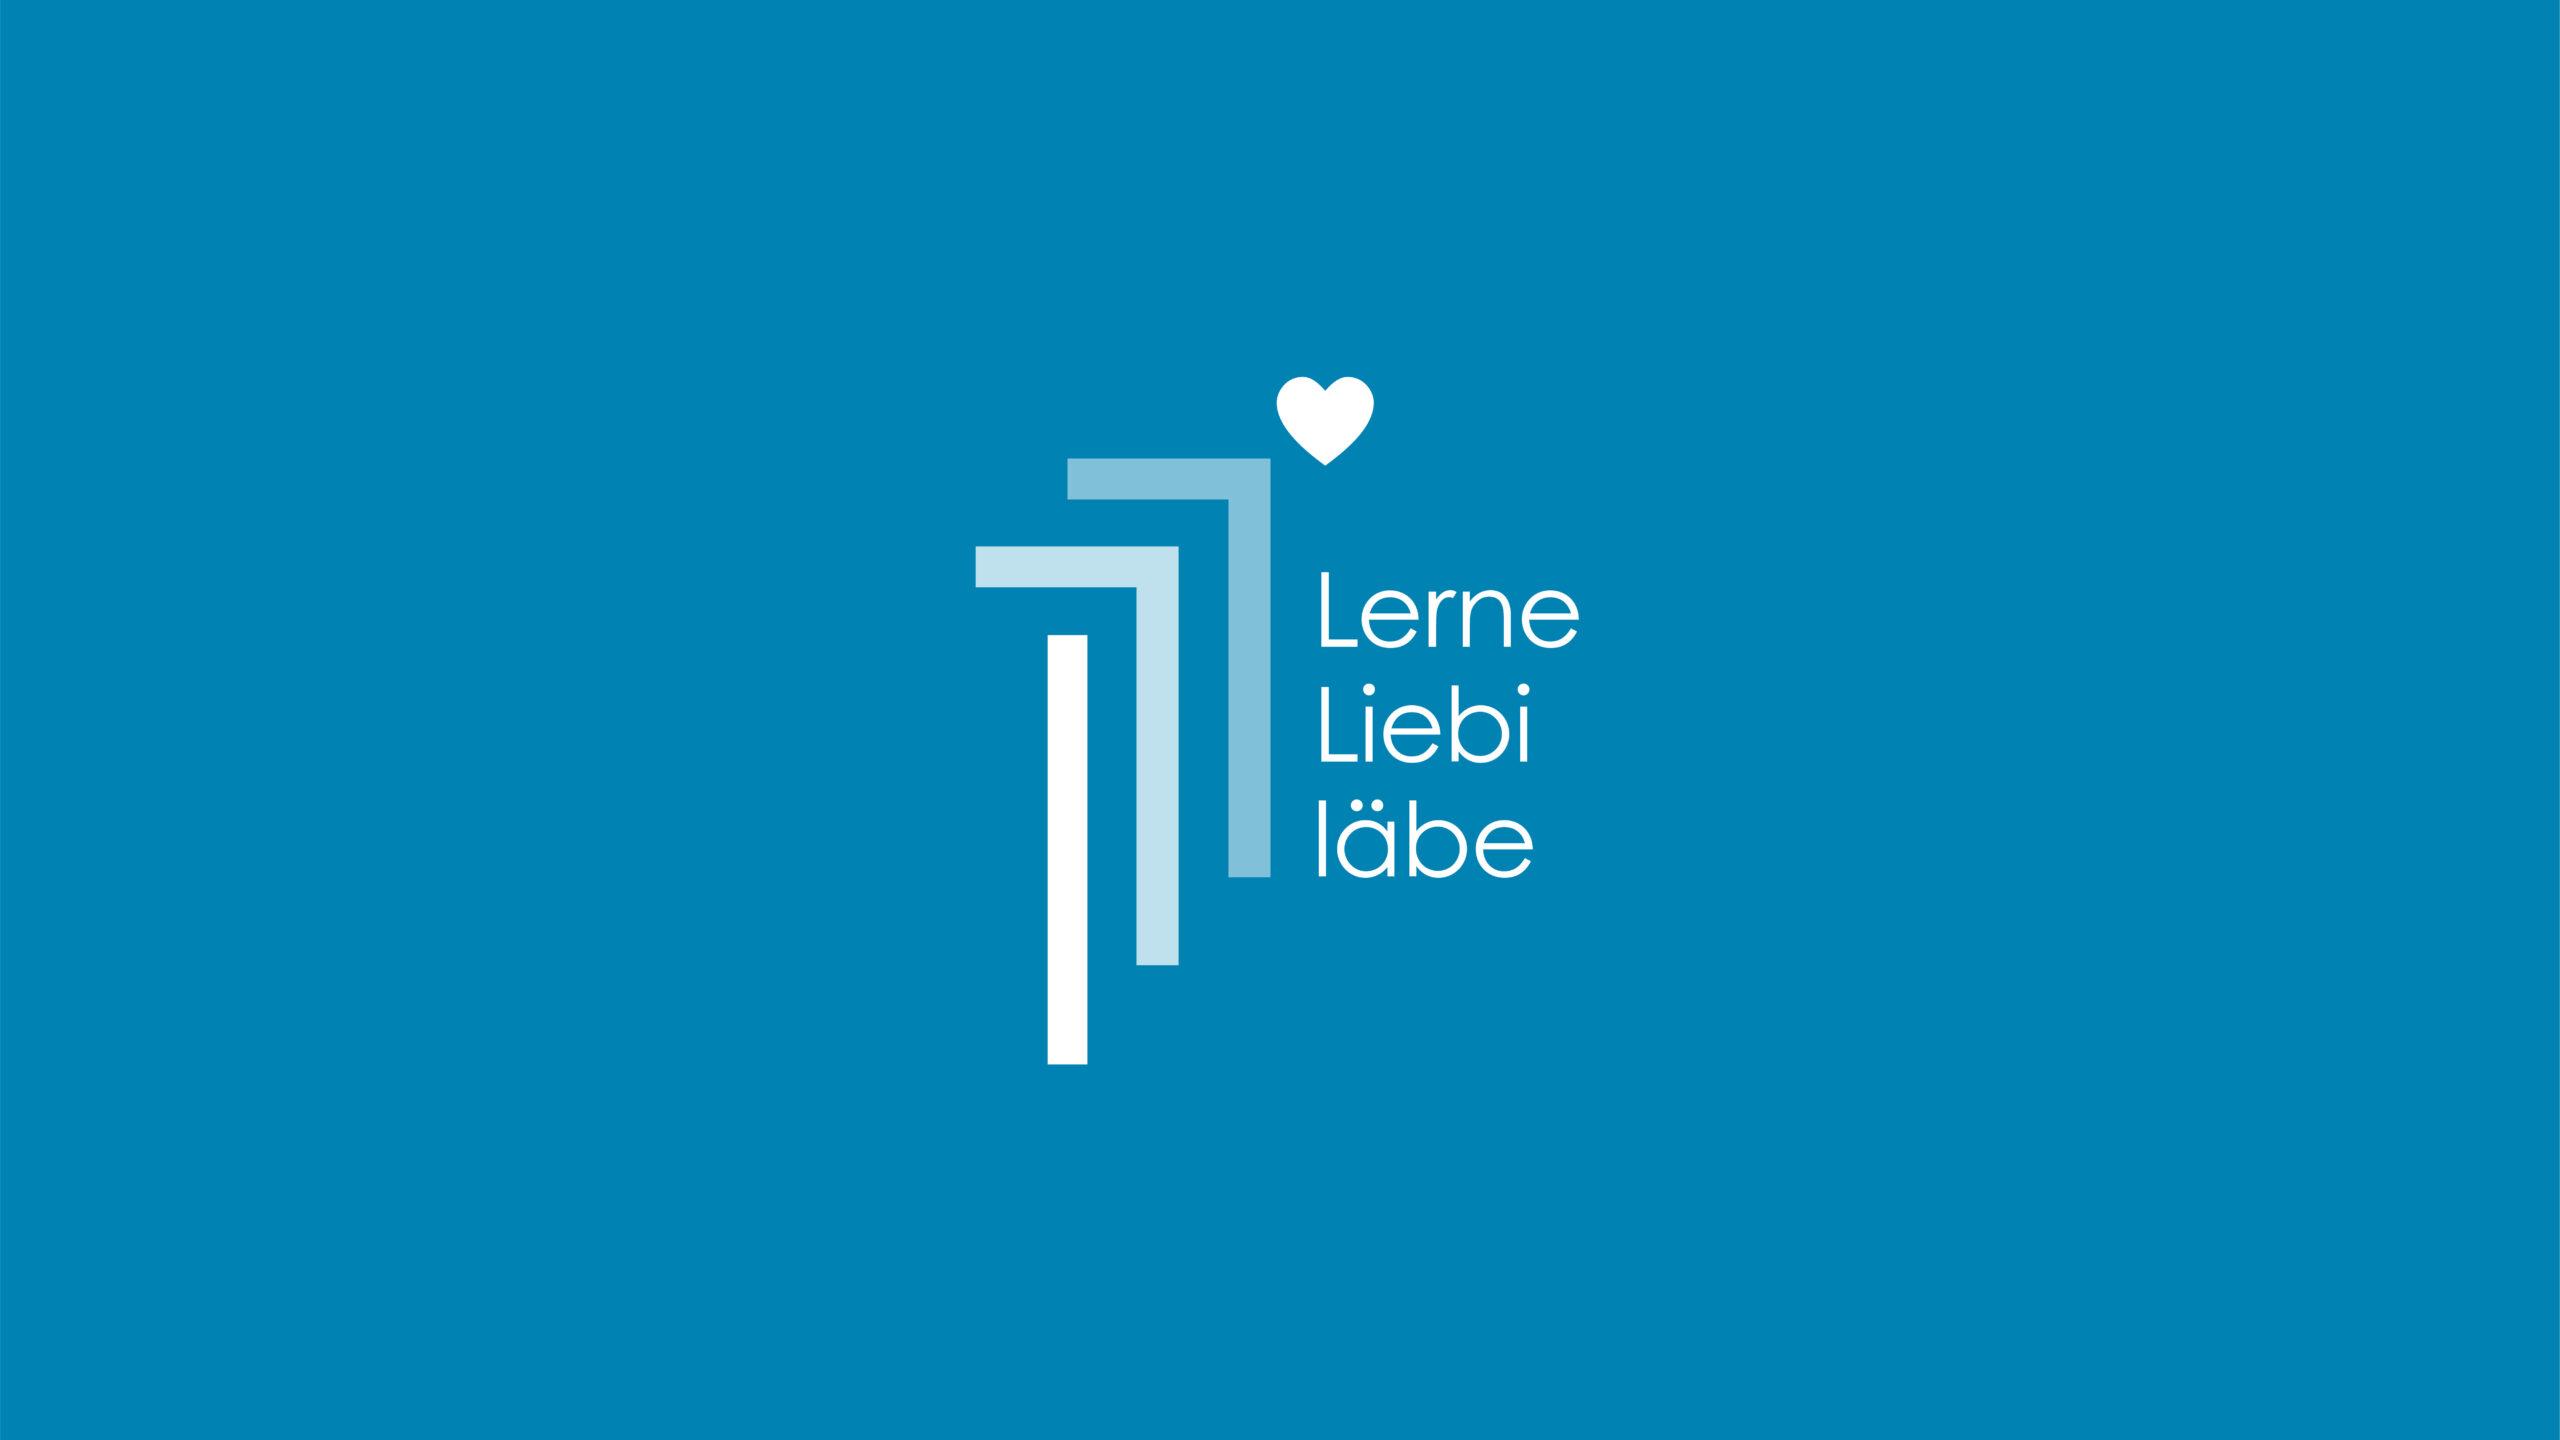 LerneLiebilaebe_SLIDE_blau